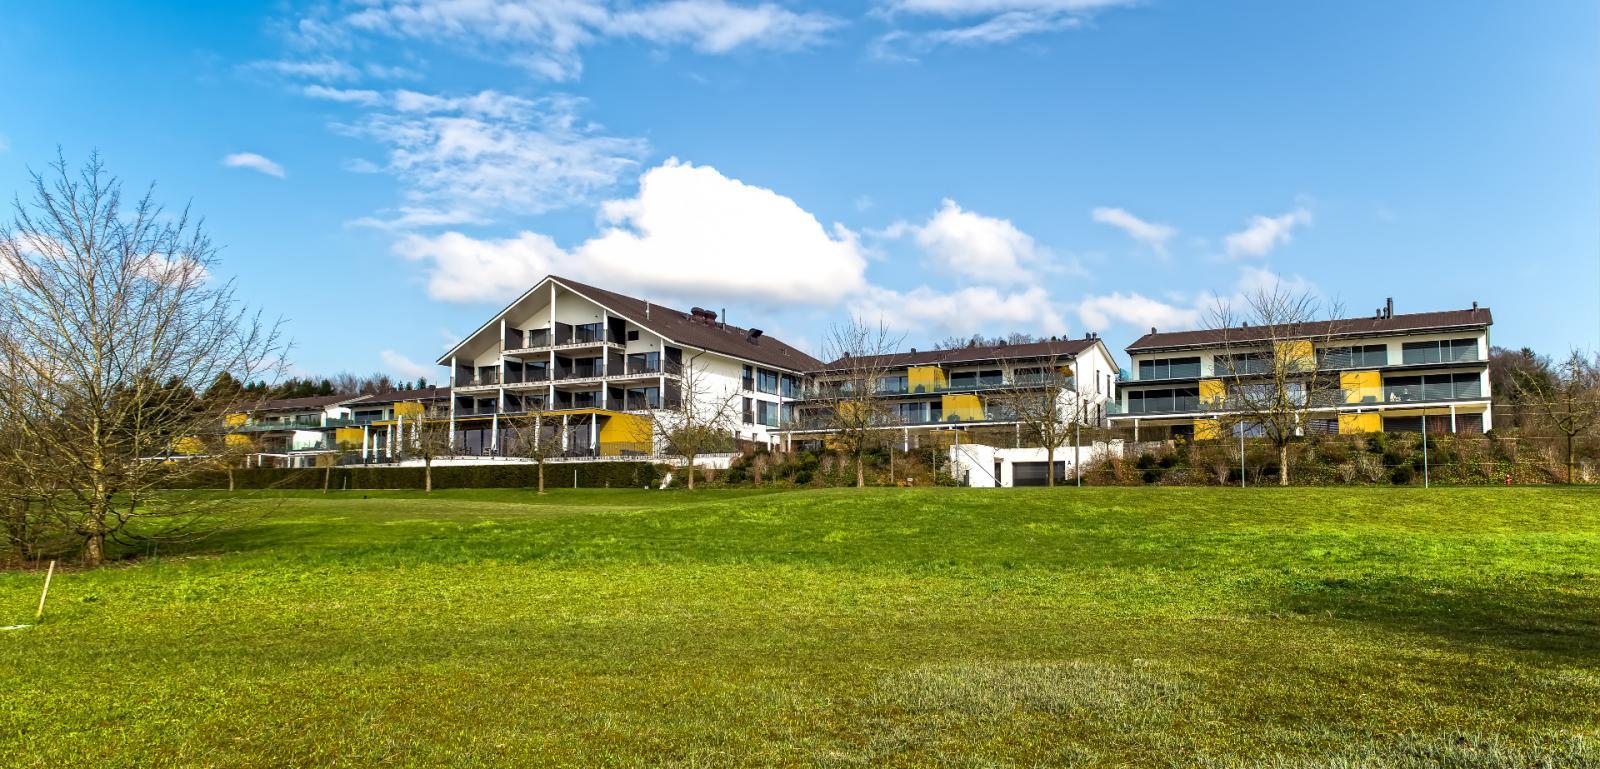 Ganzkörpermassage: Foto vom Wellnesshotel Wellnesshotel Golf Panorama | Wellness Thurgau